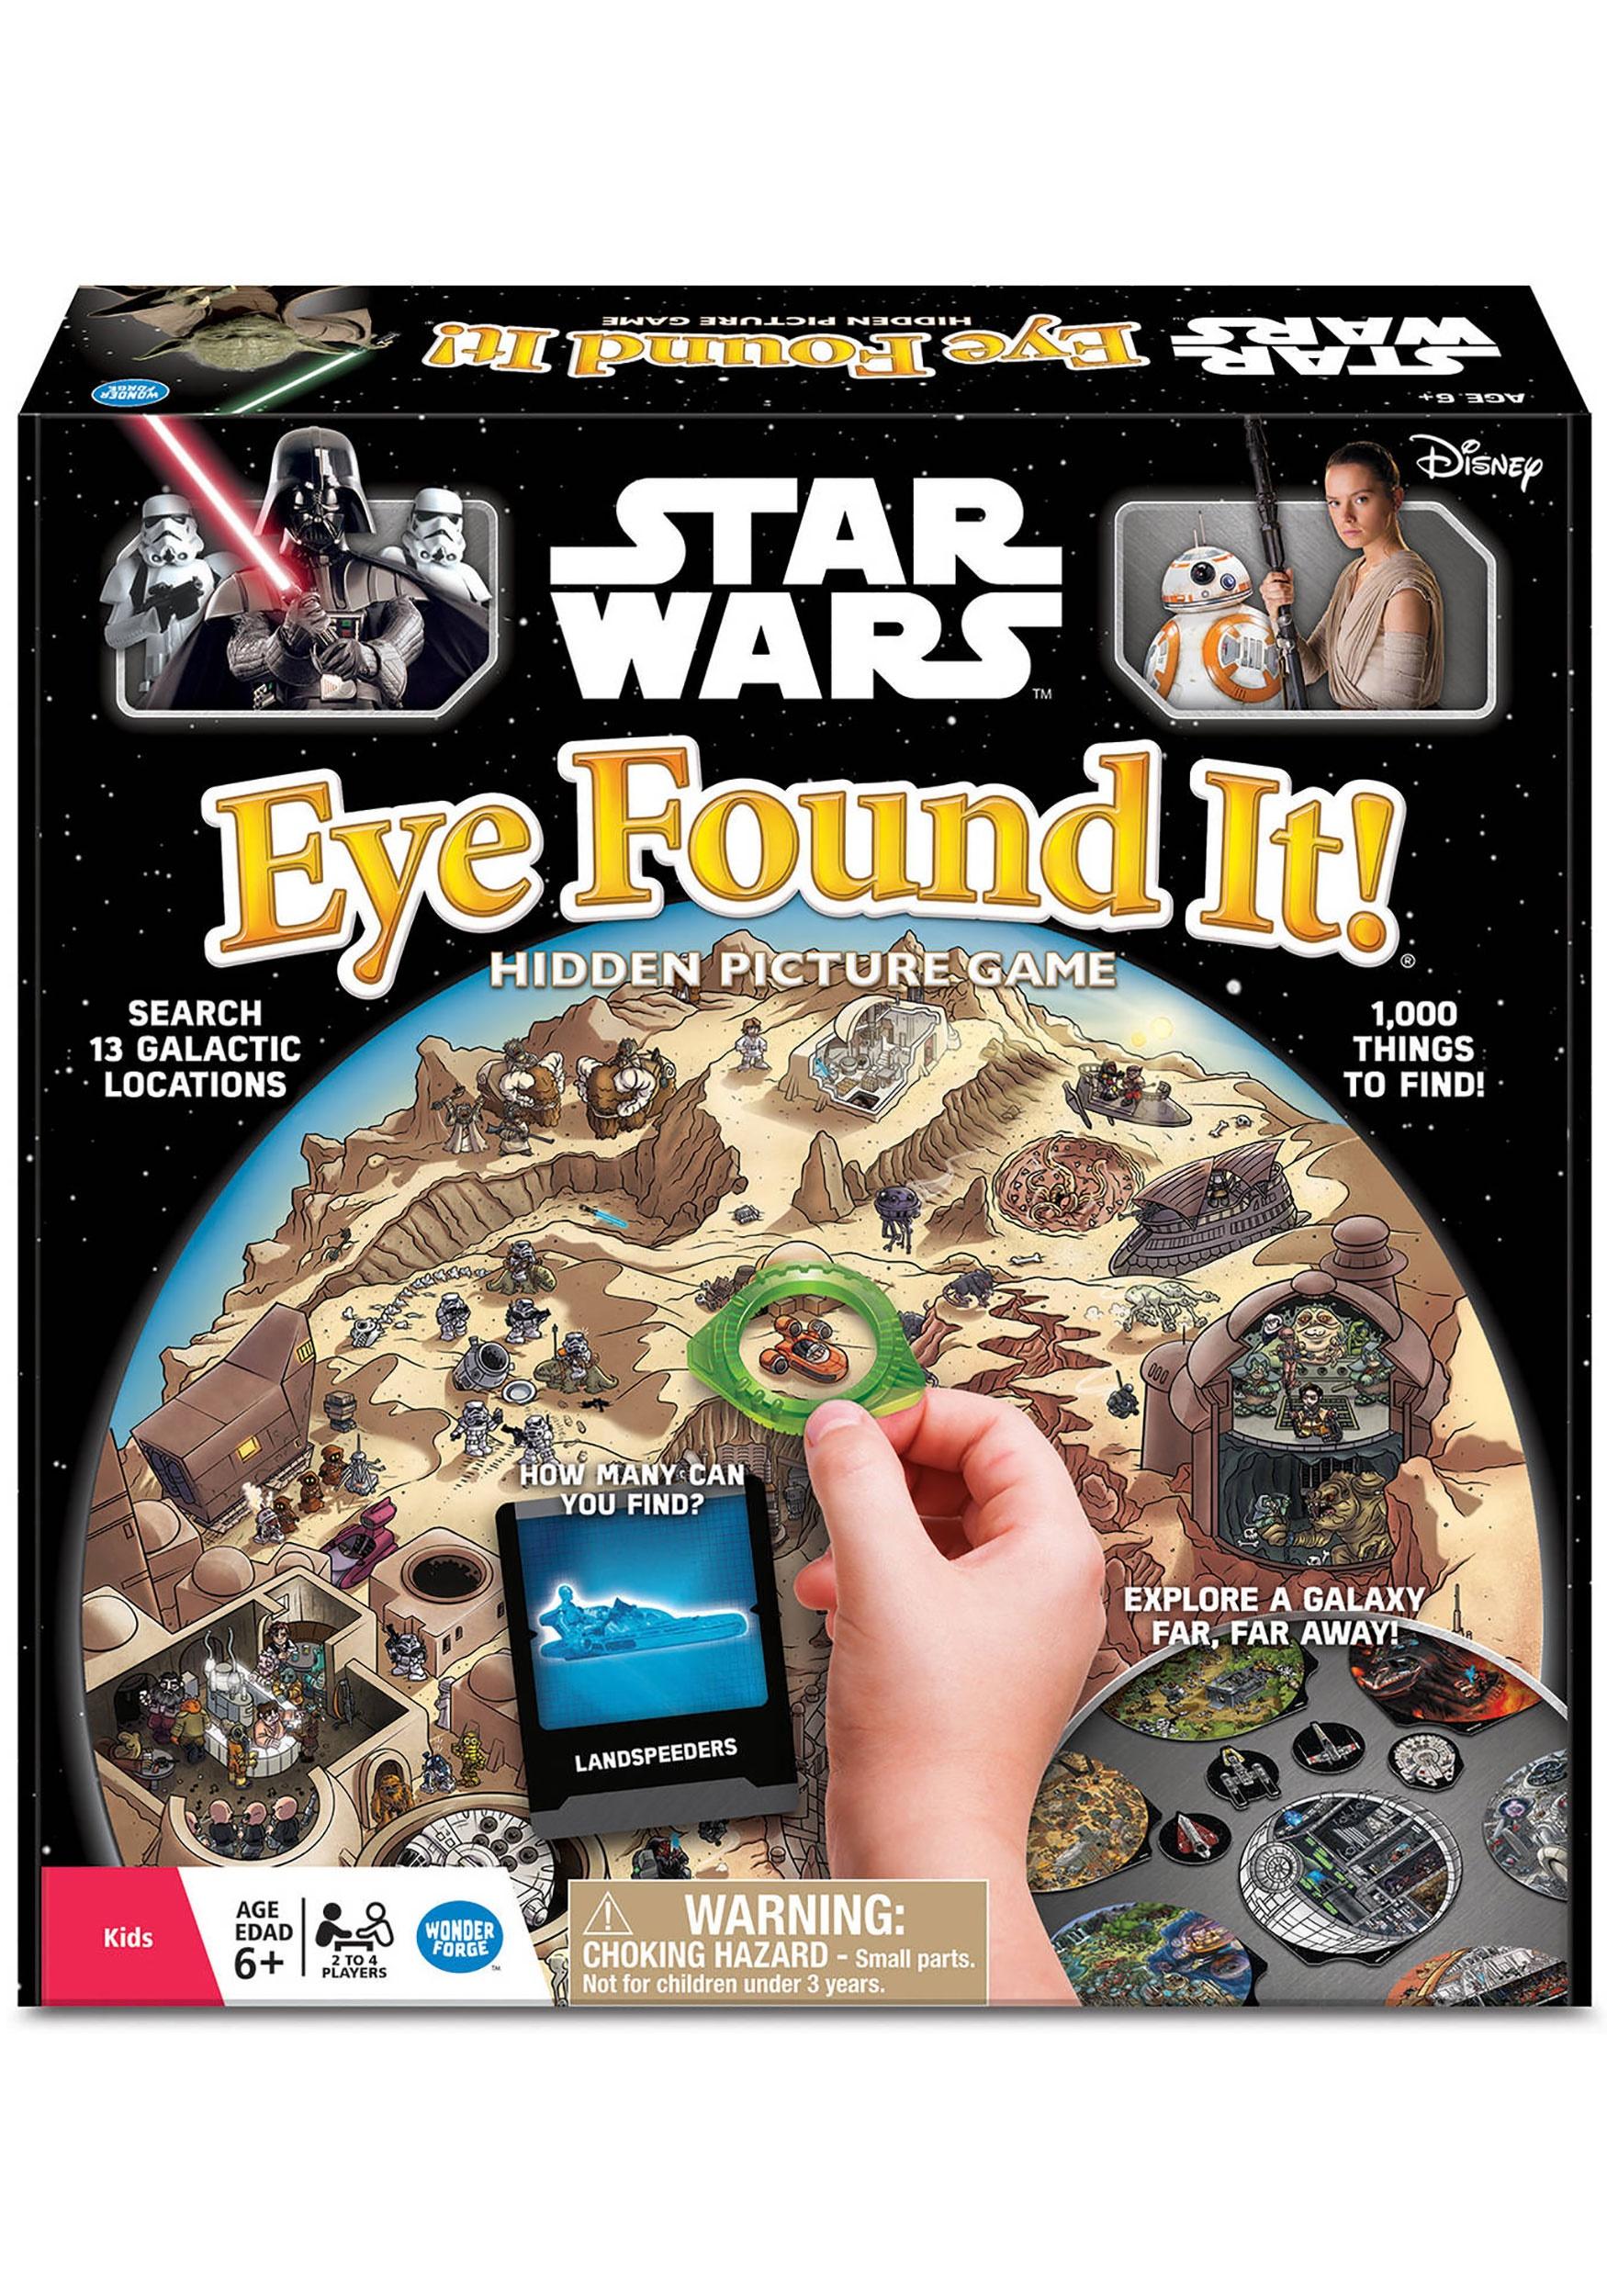 Star Wars Eye Found It! Game